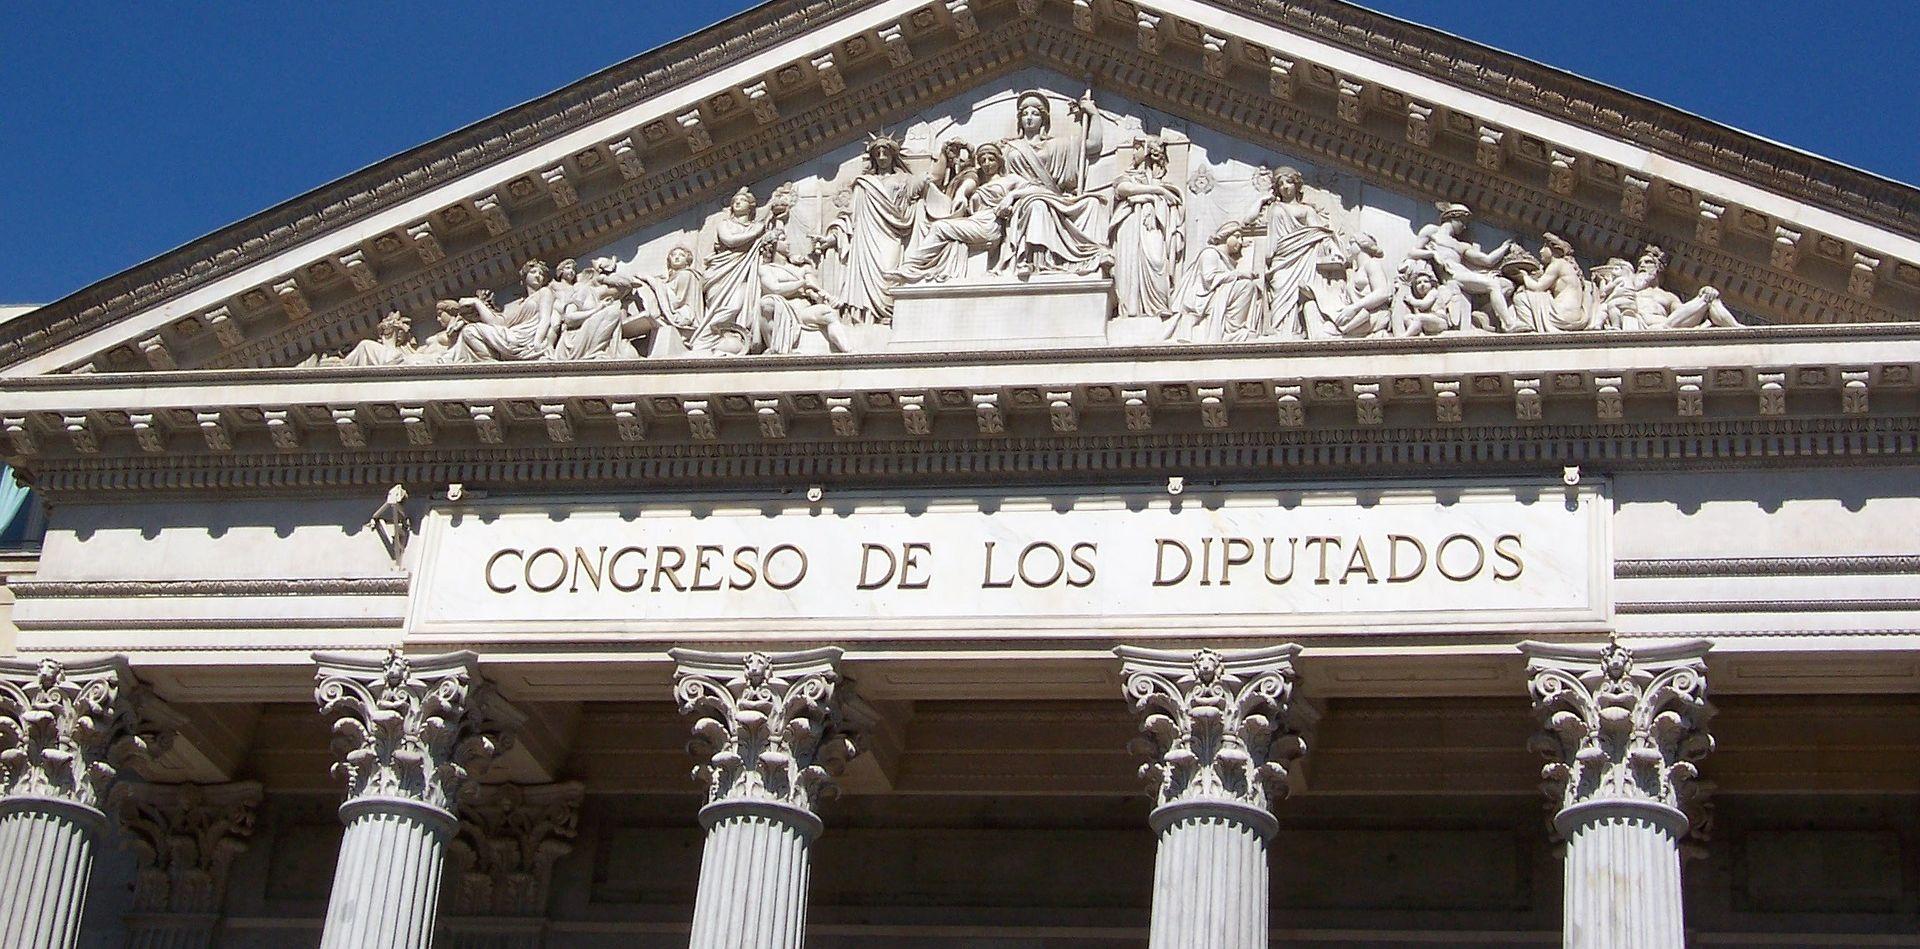 FELJTON Kako je propao državni udar u Španjolskoj 23. veljače 1981